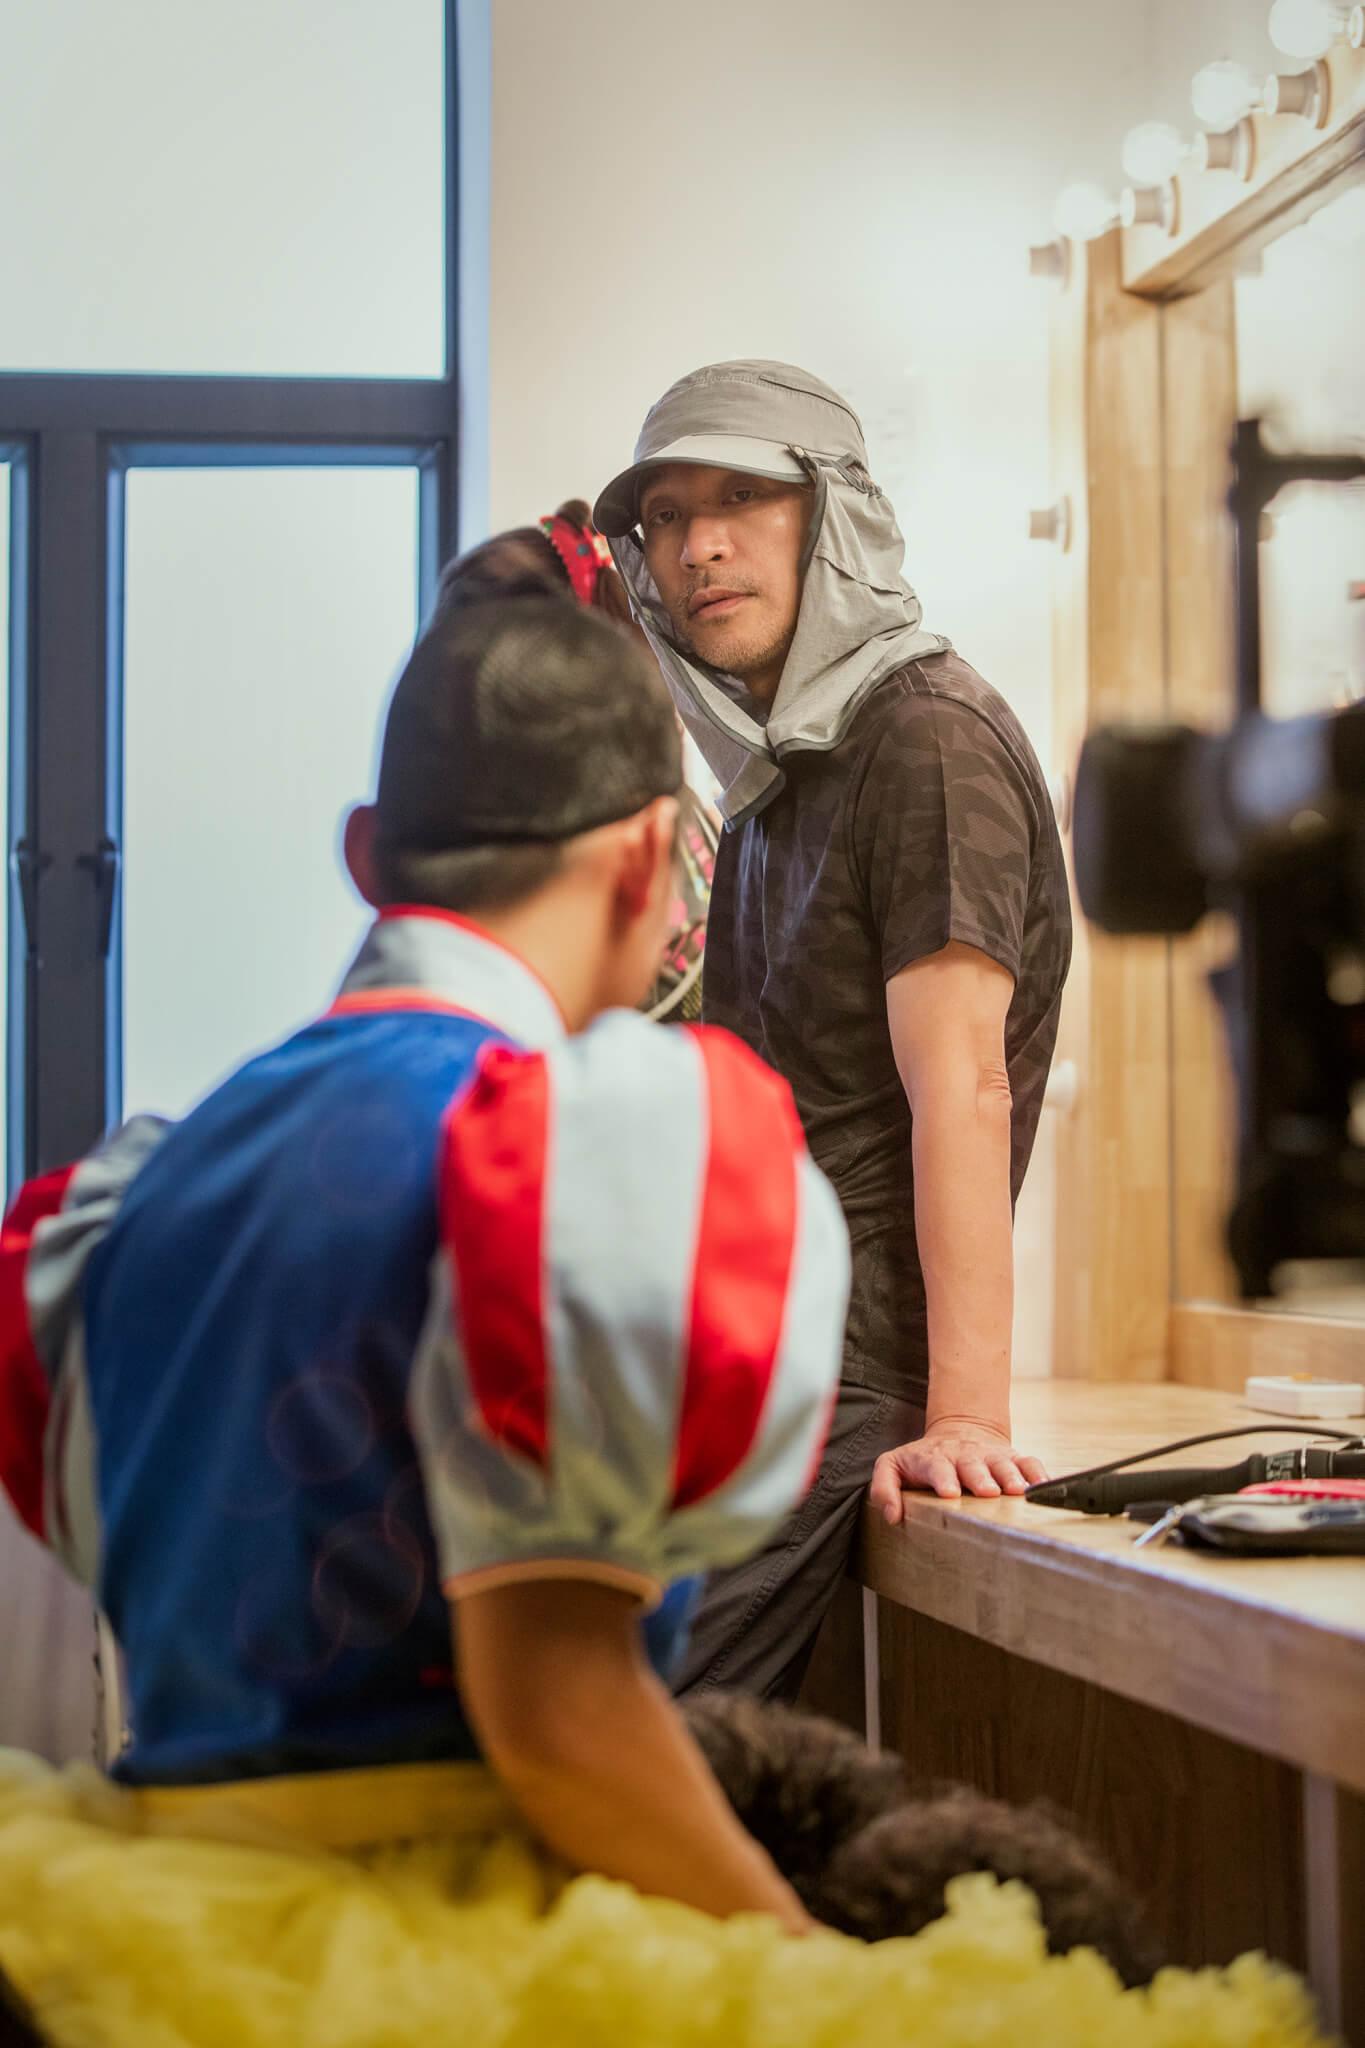 男主角王寶強表示是因為看了星爺當年的《喜劇之王》,被他飾演的角色尹天仇那種努力奮鬥的精神所激勵;而女主角鄂靖文在十七號來到香港進行謝票。